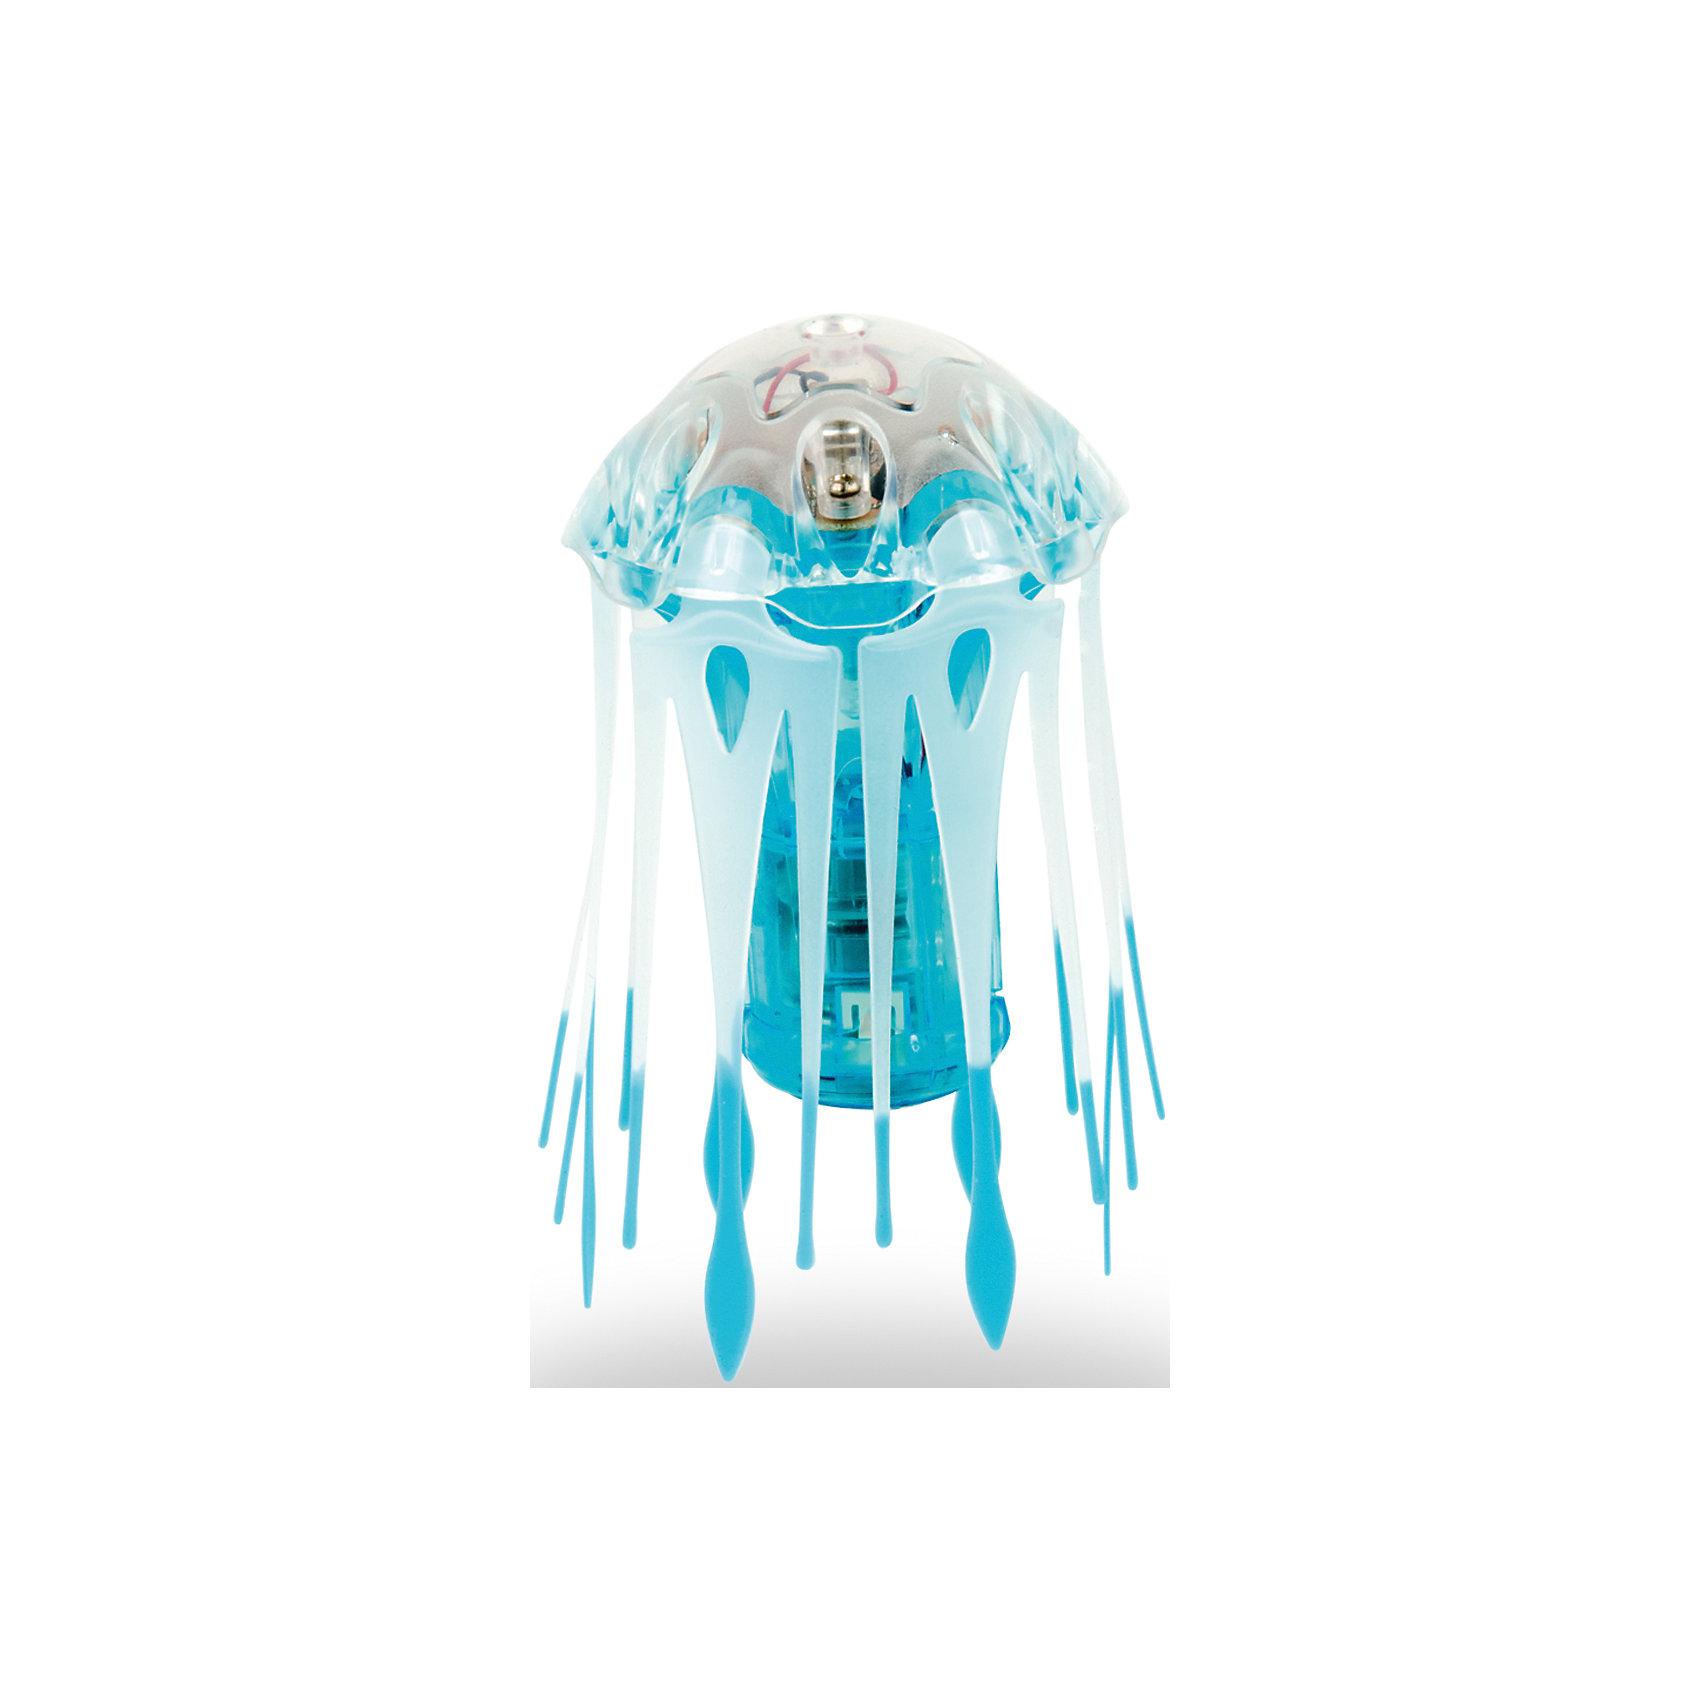 Микро-робот Aqua Bot Медуза, синий, HexbugИнтерактивные игрушки для малышей<br>Микро-робот Aqua Bot Медуза, синий, Hexbug (Хексбаг)<br><br>Характеристики:<br><br>• плавает в любом направлении<br>• автоматическое отключение вне воды<br>• световые эффекты<br>• гибкие щупальца<br>• цвет: синий<br>• размер: 4х4х6 см<br>• батарейки: AG13 - 3 шт. (входят в комплект)<br>• материал: пластик, металл<br>• размер упаковки: 12,5х7х17 см<br>• вес: 70 грамм<br><br>Aqua Bot Медуза - настоящая находка для любителей микророботов. При попадании в воду он начинает плавать, кружиться и двигаться, словно настоящая медуза. Щупальца микроробота гибкие. Для экономии энергии Медуза автоматически отключается вне воды или через несколько минут работы. Чтобы робот снова начал двигаться, достаточно немного всколыхнуть воду или постучать по стенке аквариума. Робот оснащен световыми эффектами, которые никого не оставят равнодушным!<br><br>Микро-робота Aqua Bot Медуза, синий, Hexbug (Хексбаг) вы можете купить в нашем интернет-магазине.<br><br>Ширина мм: 170<br>Глубина мм: 60<br>Высота мм: 120<br>Вес г: 74<br>Возраст от месяцев: 36<br>Возраст до месяцев: 2147483647<br>Пол: Унисекс<br>Возраст: Детский<br>SKU: 5507186